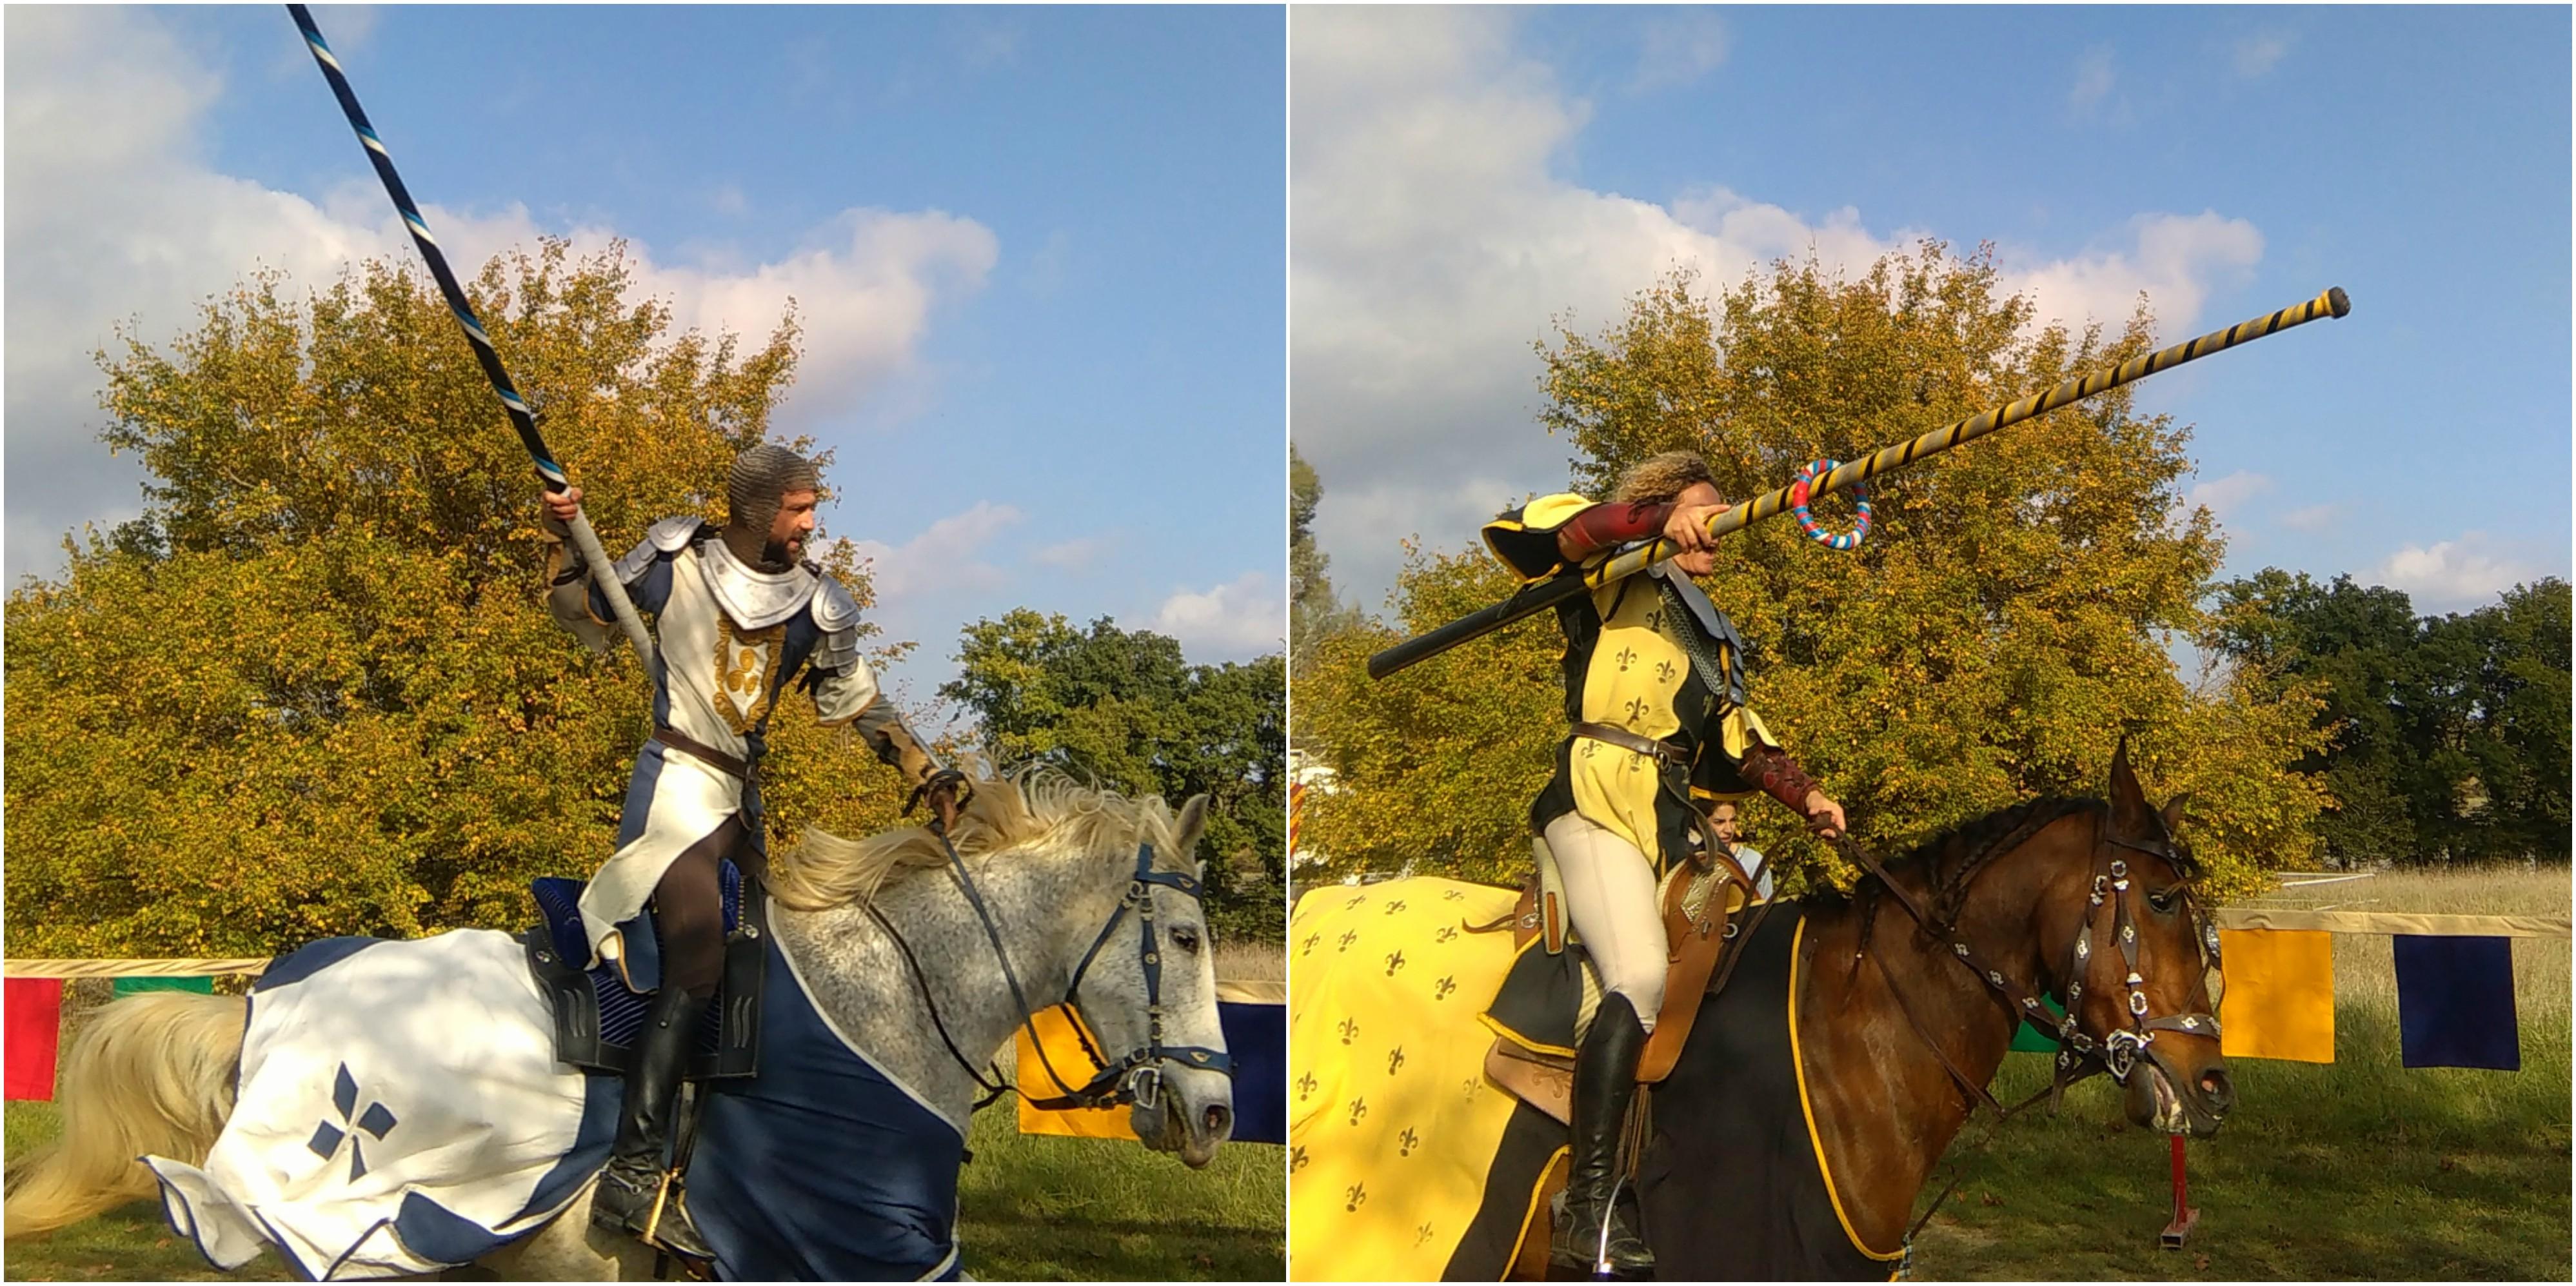 tournoi-equestre-chateau-de-vayres